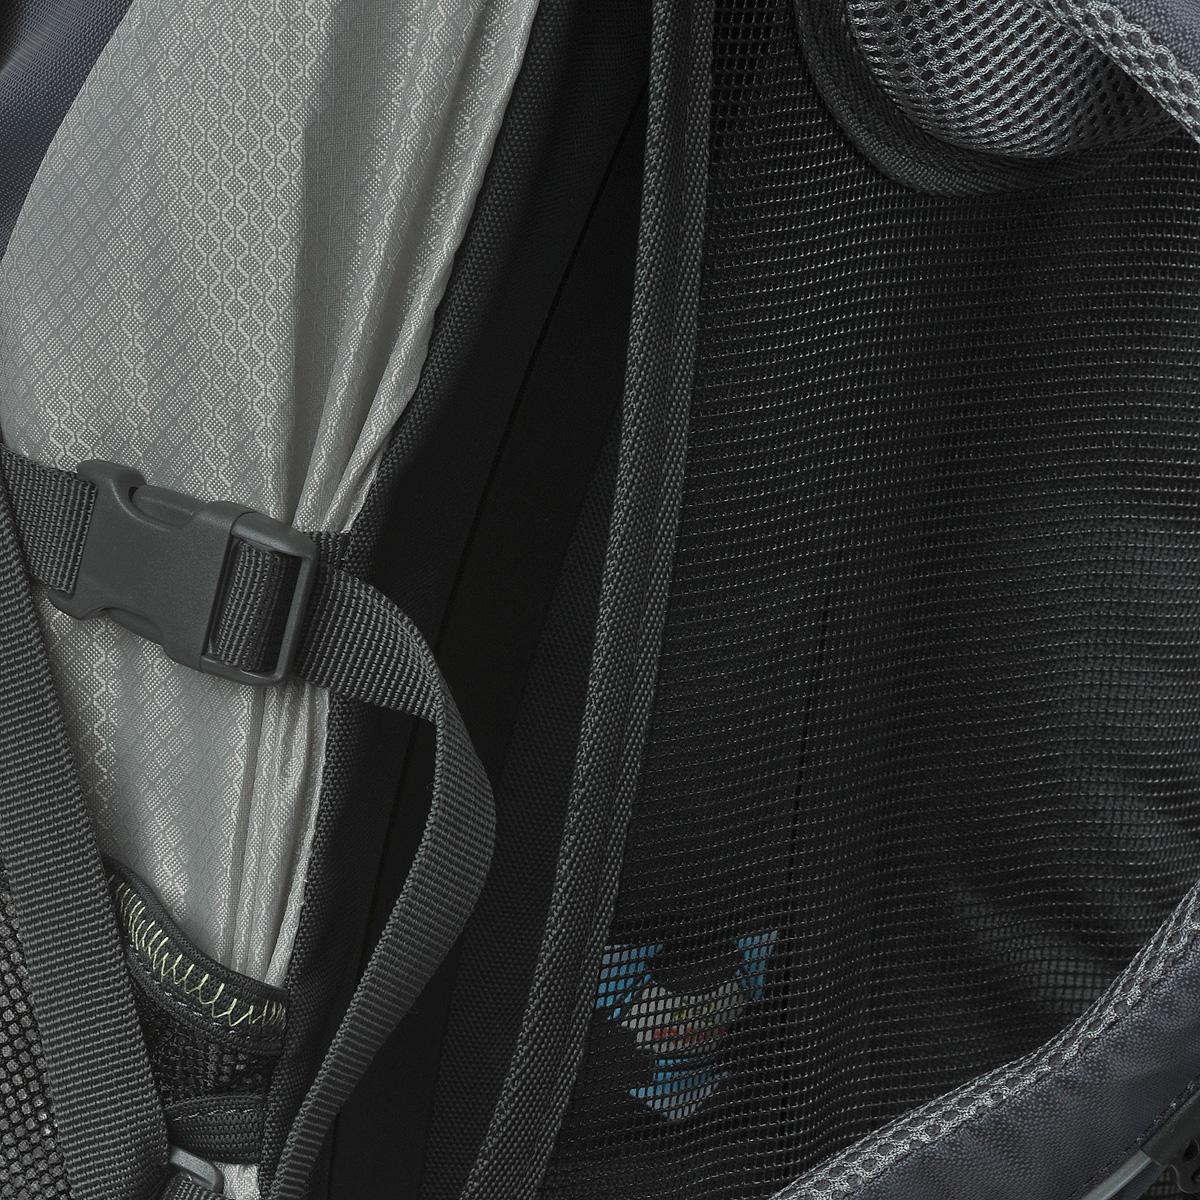 """Многофункциональный штурмовой рюкзак Norfin """"Alpika"""" выполнен из прочного полиэстера. Благодаря многофункциональности данный рюкзак позволяет удобно и легко укладывать свои вещи.  Особенности рюкзака: Подвесная система A-2 с вентиляцией спины Поясной ремень  Грудная стяжка Выход под питьевую систему Большой U-образный вход в основное отделение Два фронтальных кармана Боковые карманы из сетки Съемный верхний клапан с карманом Чехол-дождевик в кармане на дне Возможность крепления трекинговых палок.   Что взять с собой в поход?. Статья OZON Гид"""